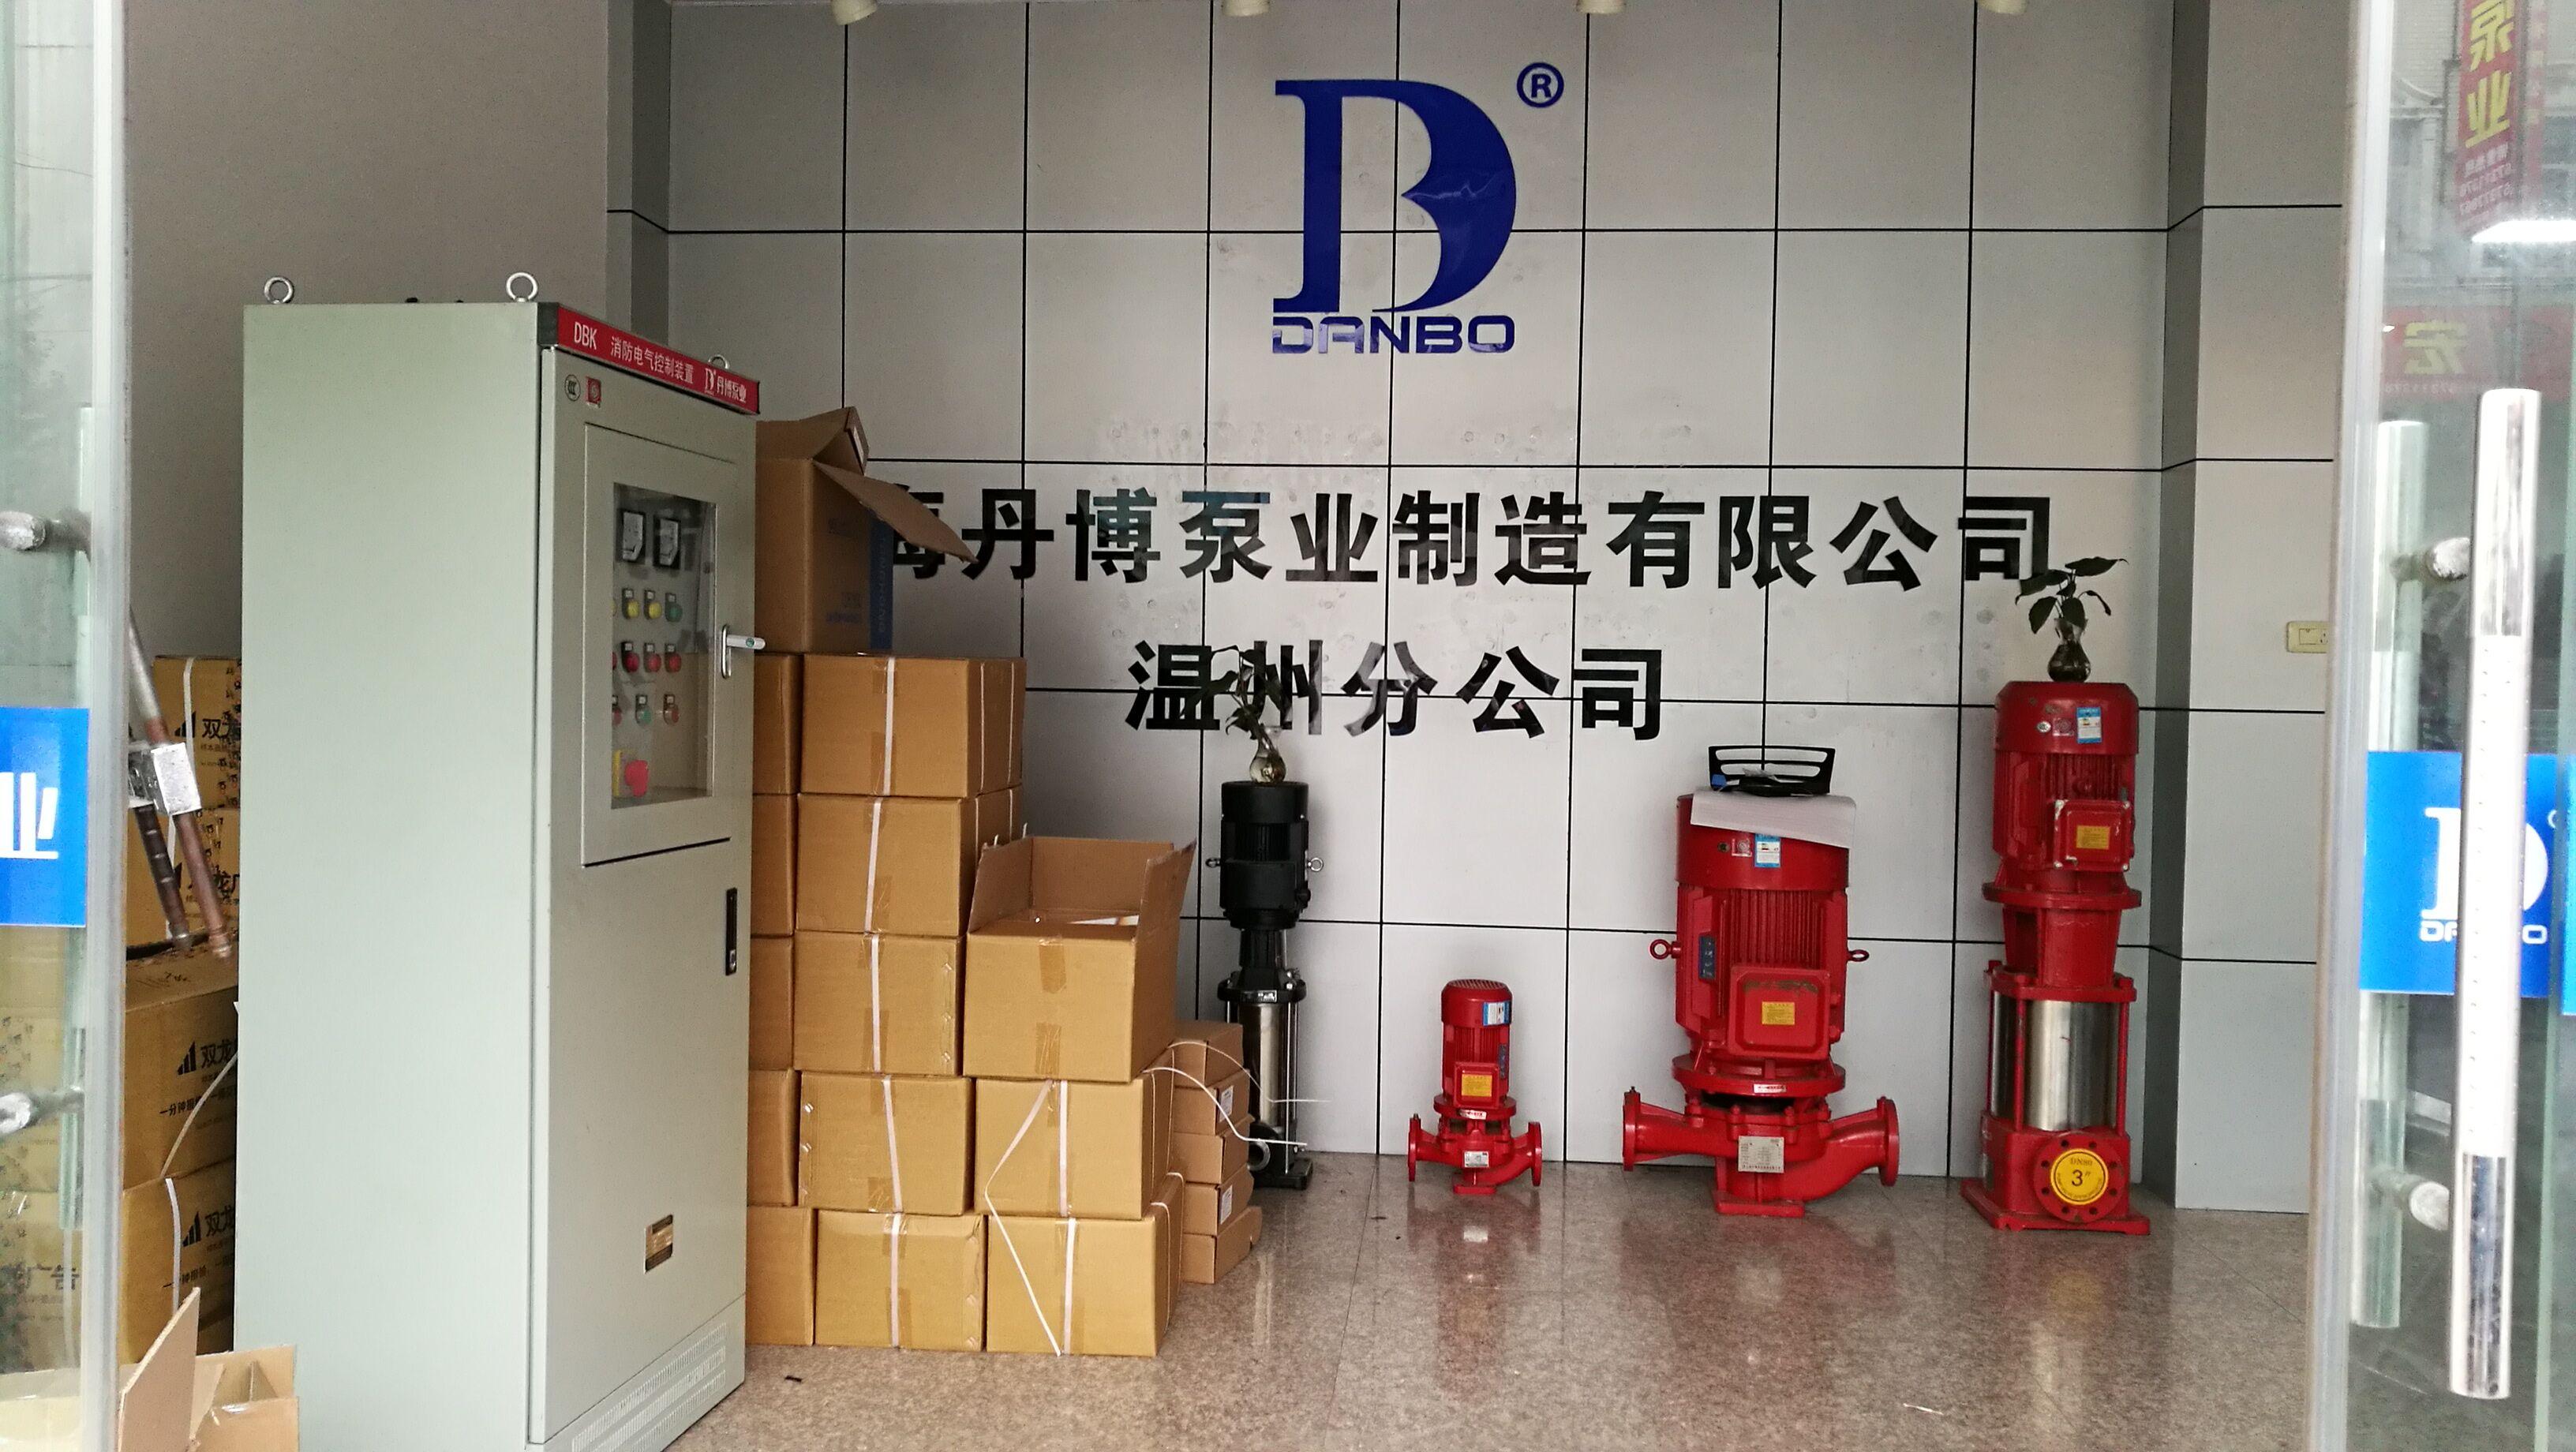 XBD消火栓泵,消防稳压泵,潜水排污泵,CDL/CDLF轻型立式多级泵